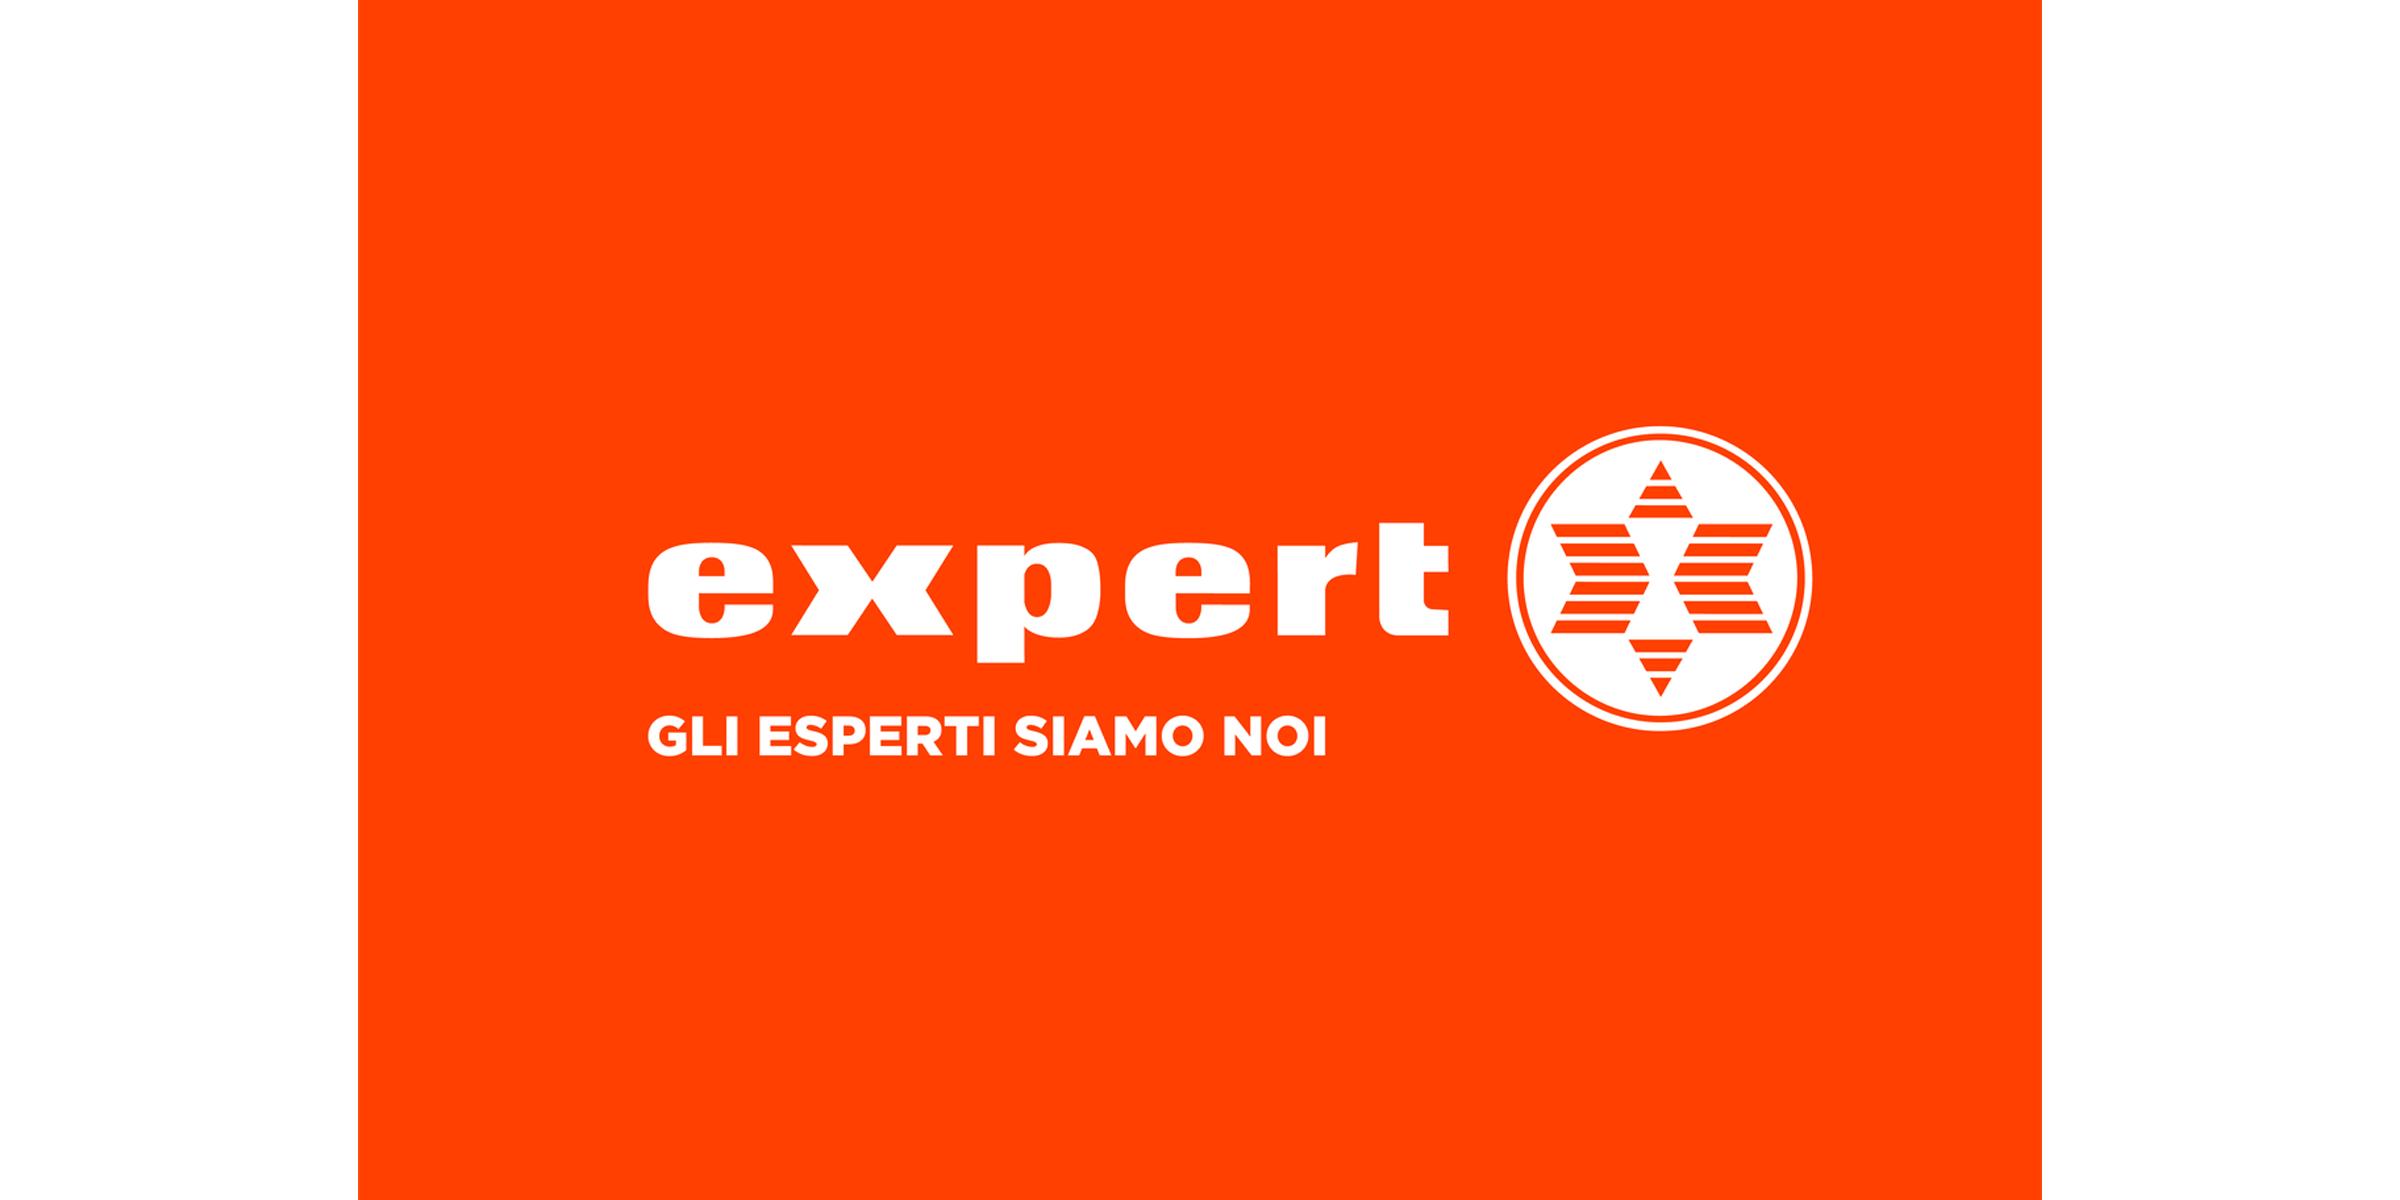 https://www.expertonline.it/it-IT-it/Vendita_Smartphone_W8D.aspx?fn0=MAR&fv0=LATD